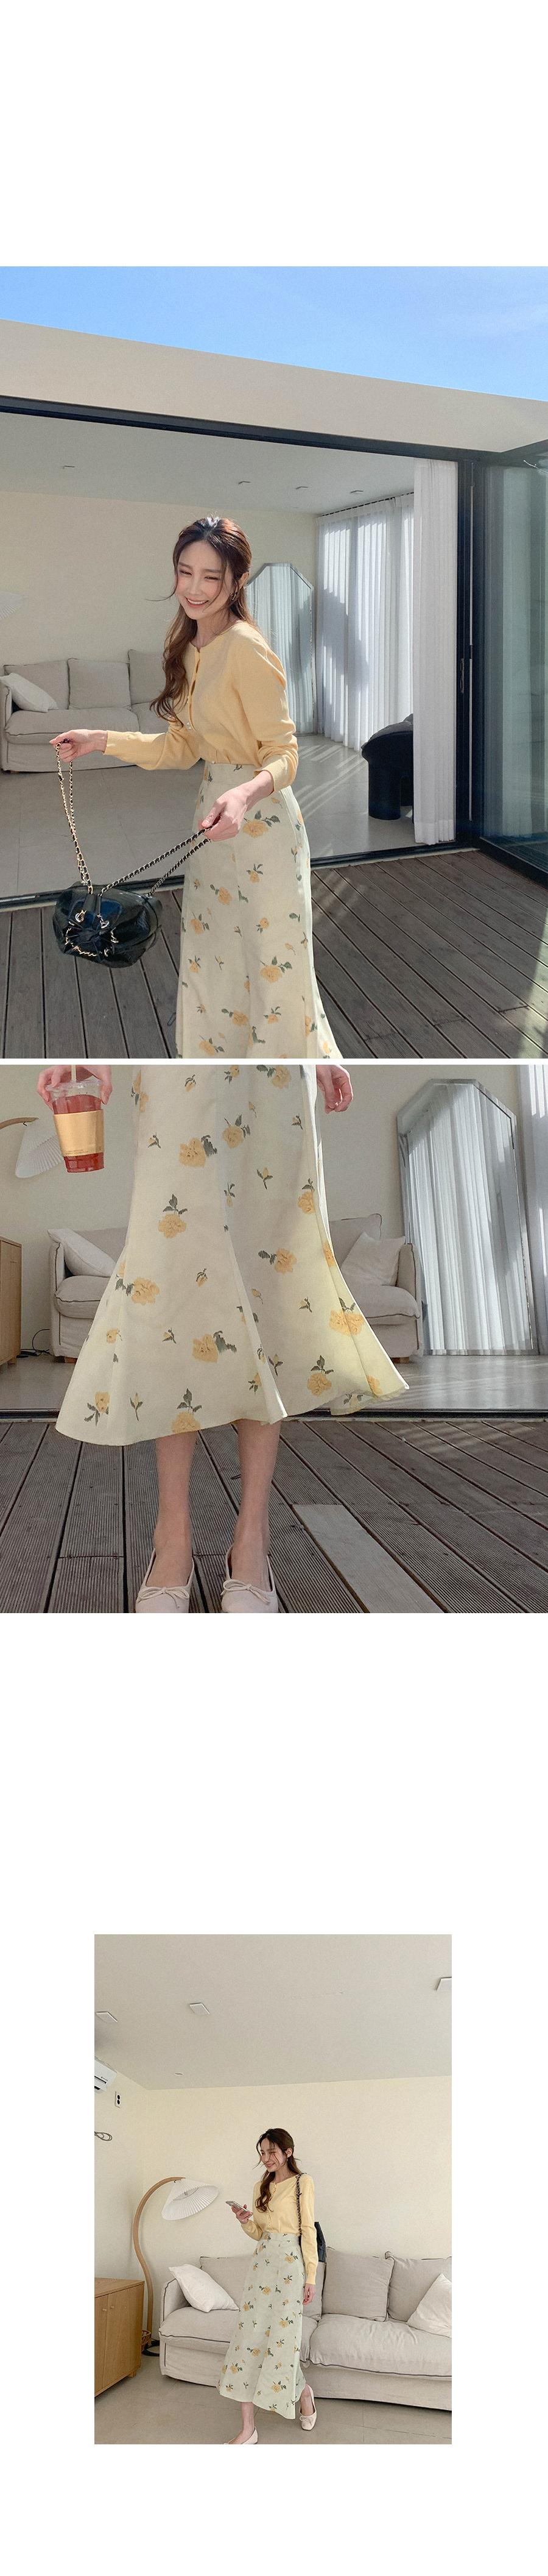 Spring Flower Long Skirt